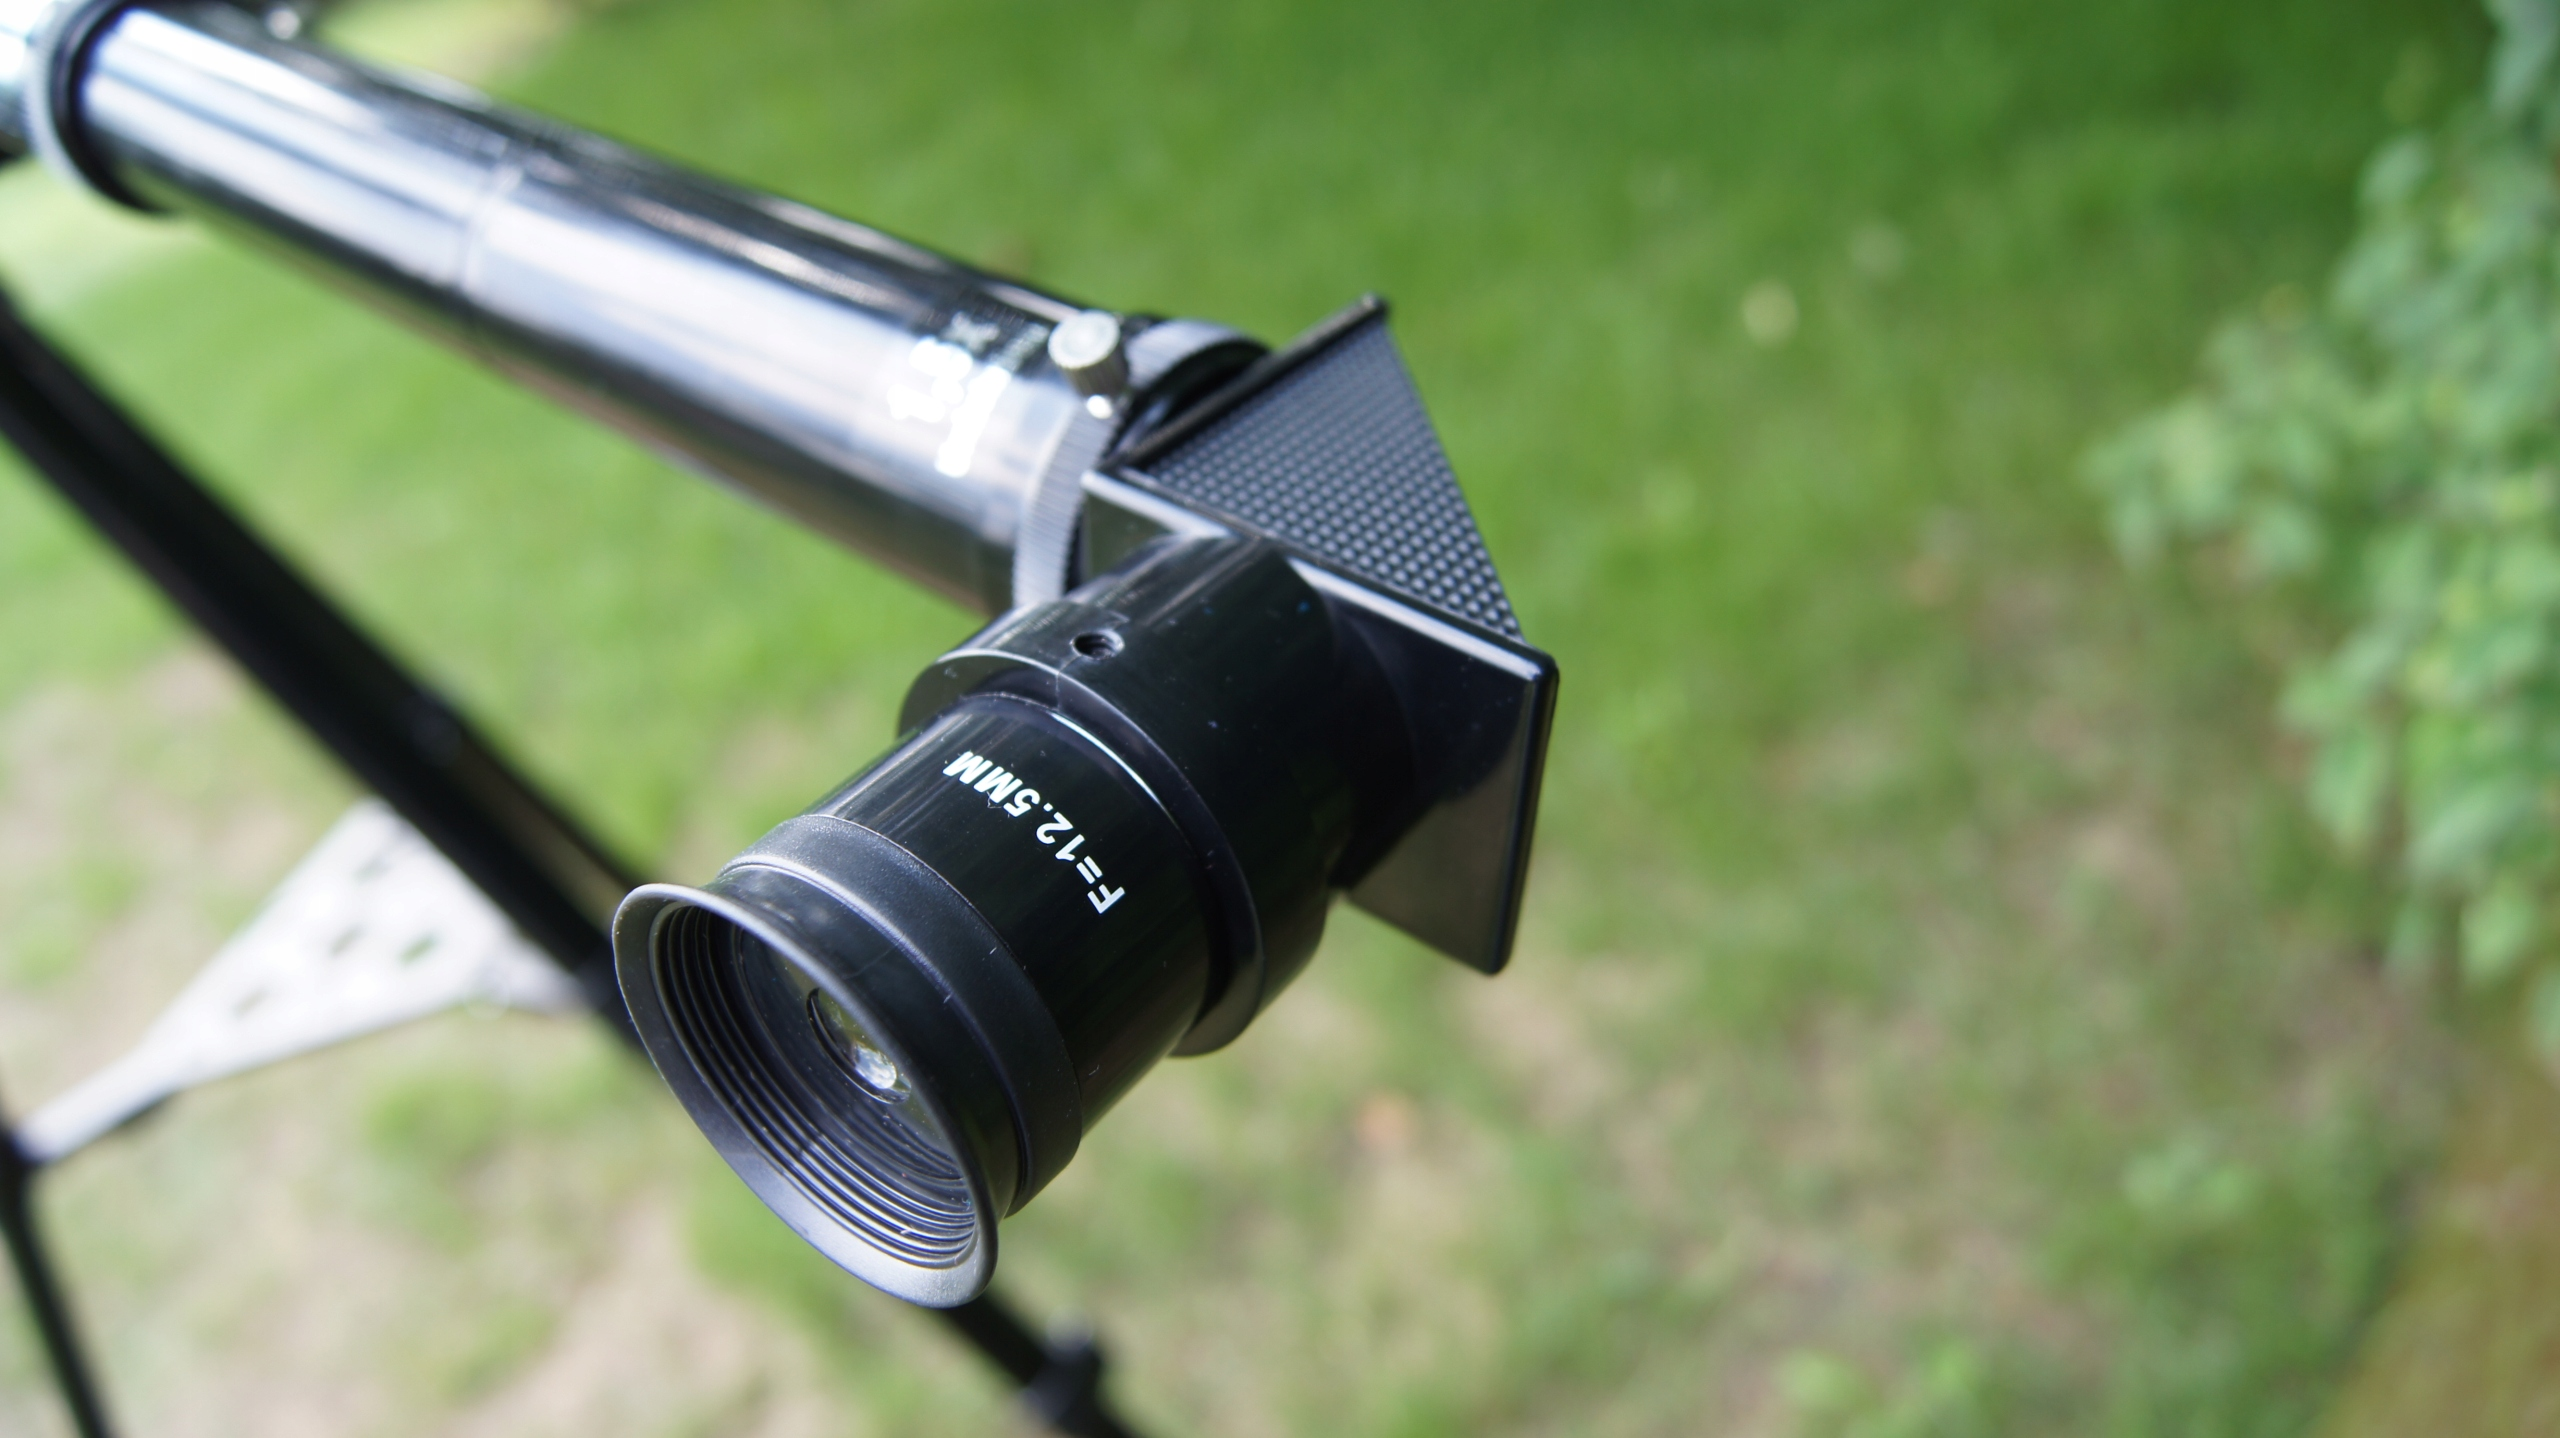 Refraktor teleskop astrolon 60 700 262 5x okazja 7480892228